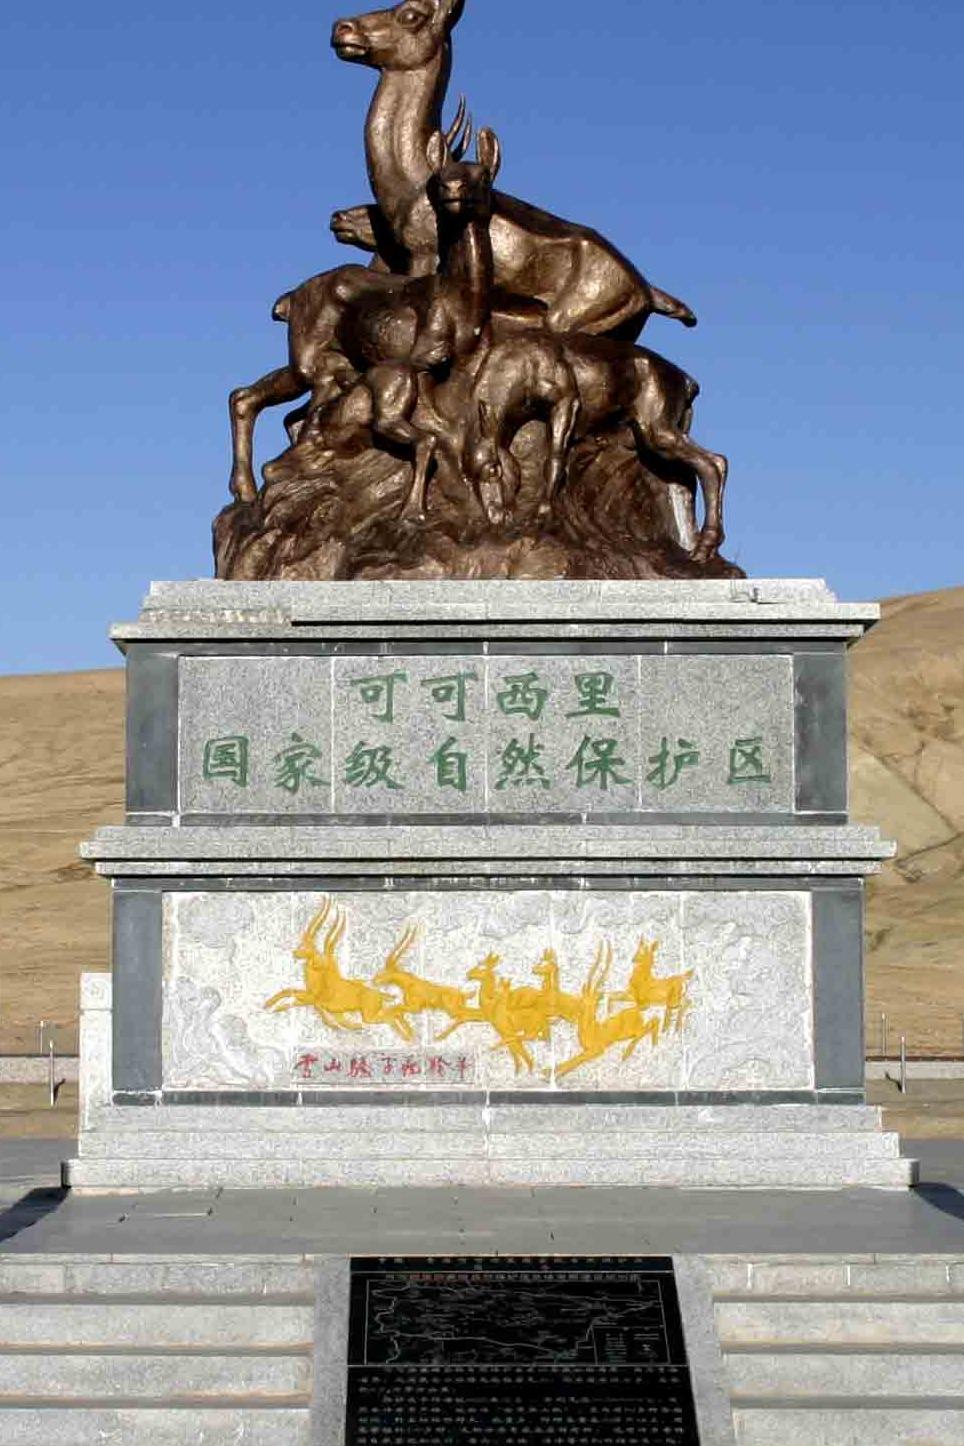 【国庆节】10月5日可可西里寻找藏羚羊;一日游